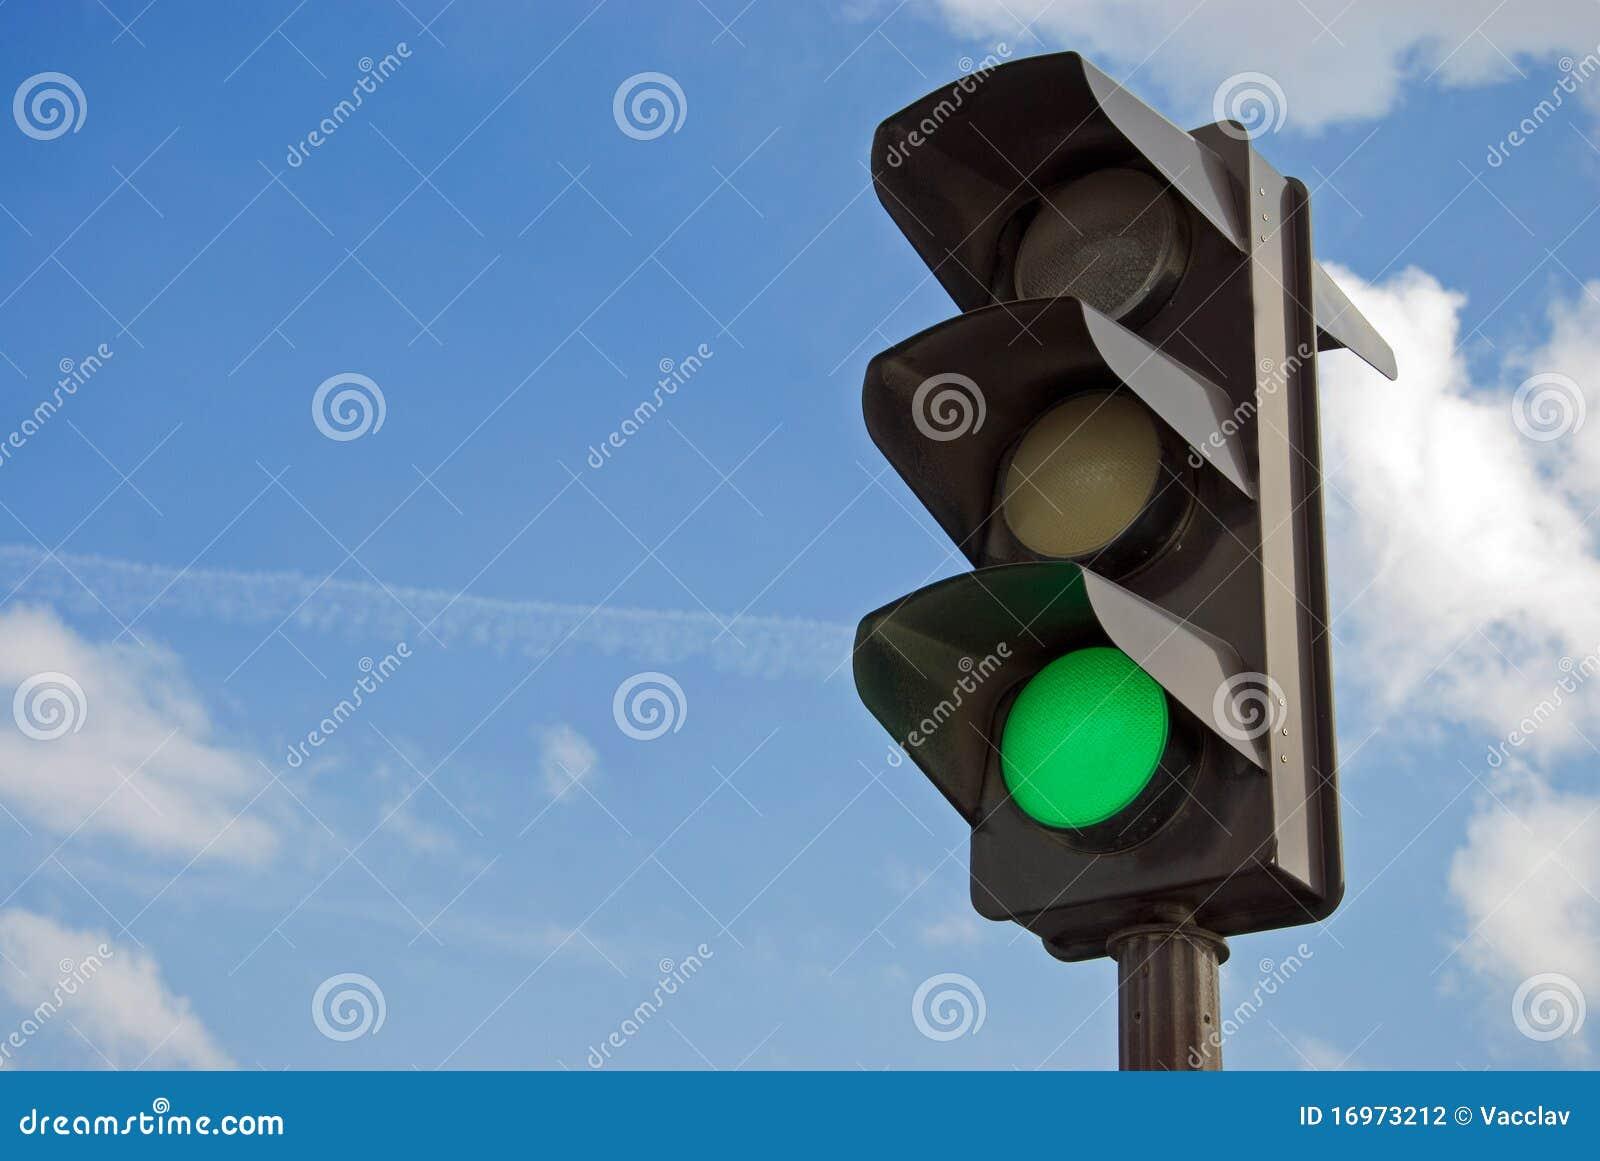 Colore verde sul semaforo